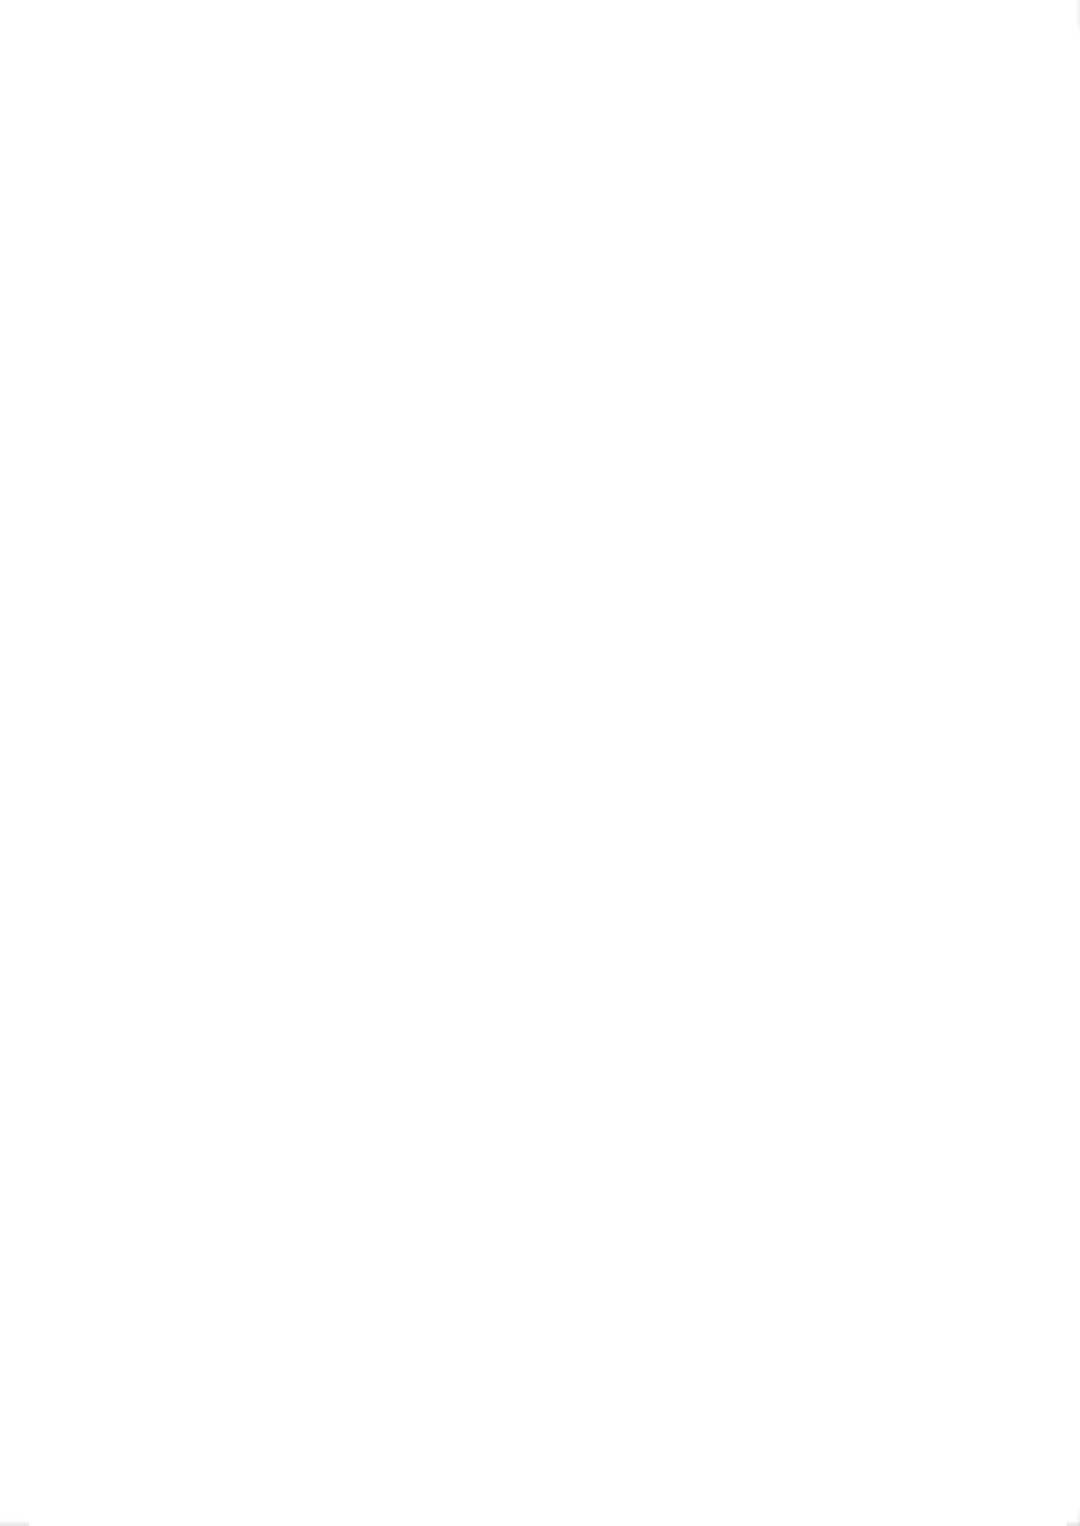 バグで二振になった鶯丸に振り回される鶴丸…鶯丸に求められた鶴丸は空っぽになるまで犯される。水を飲んだ鶴丸は部屋に戻ると鶯丸達が兜合わせで弄り合っていた!体力限界の鶴丸を誘い3Pアナルセックス!